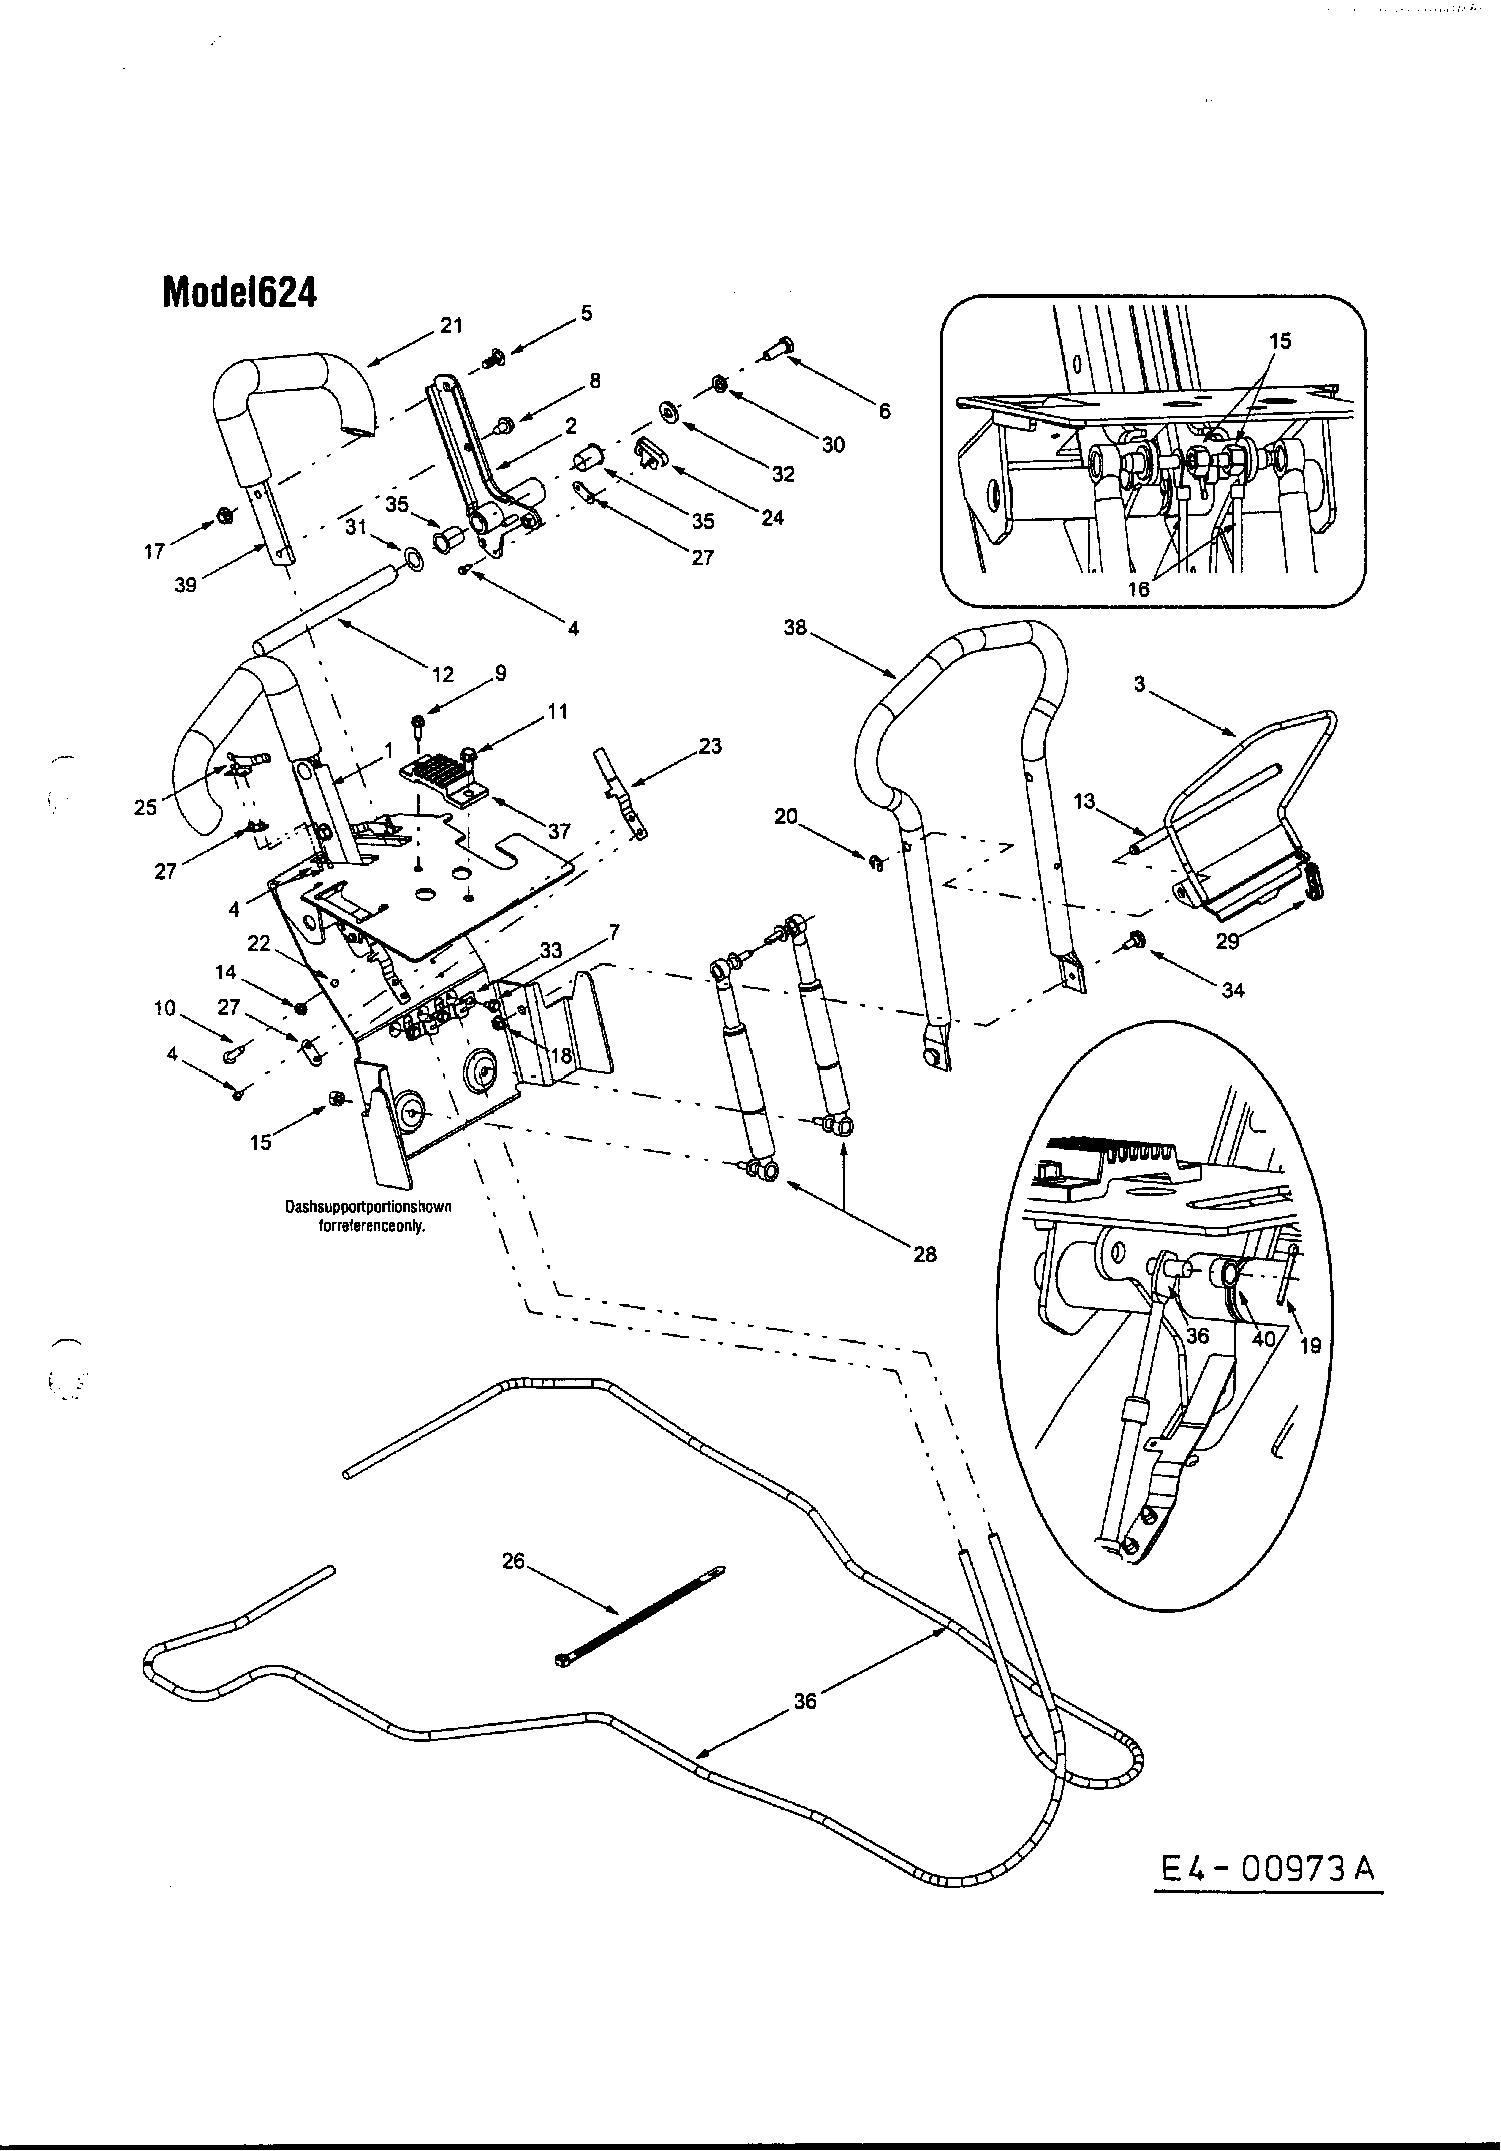 13ad624g643  2002  Zg 6170 Wiring Diagram